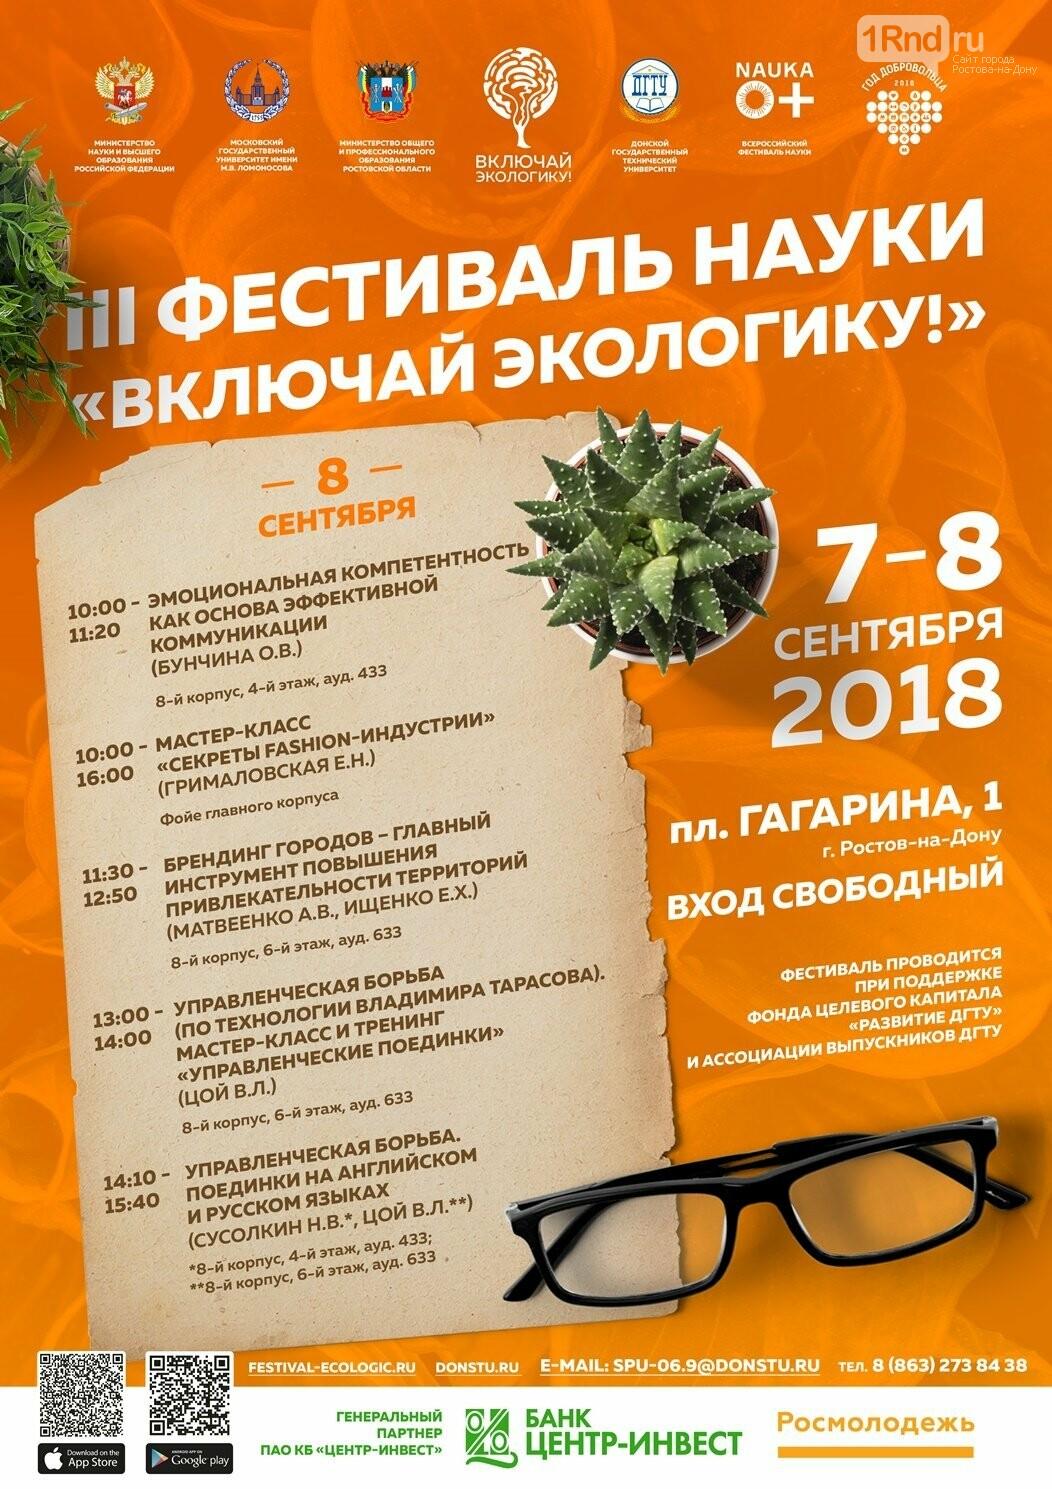 От блокчейна до космоса: фестиваль науки «Включай ЭКОлогику!» пройдет в Ростове, фото-3